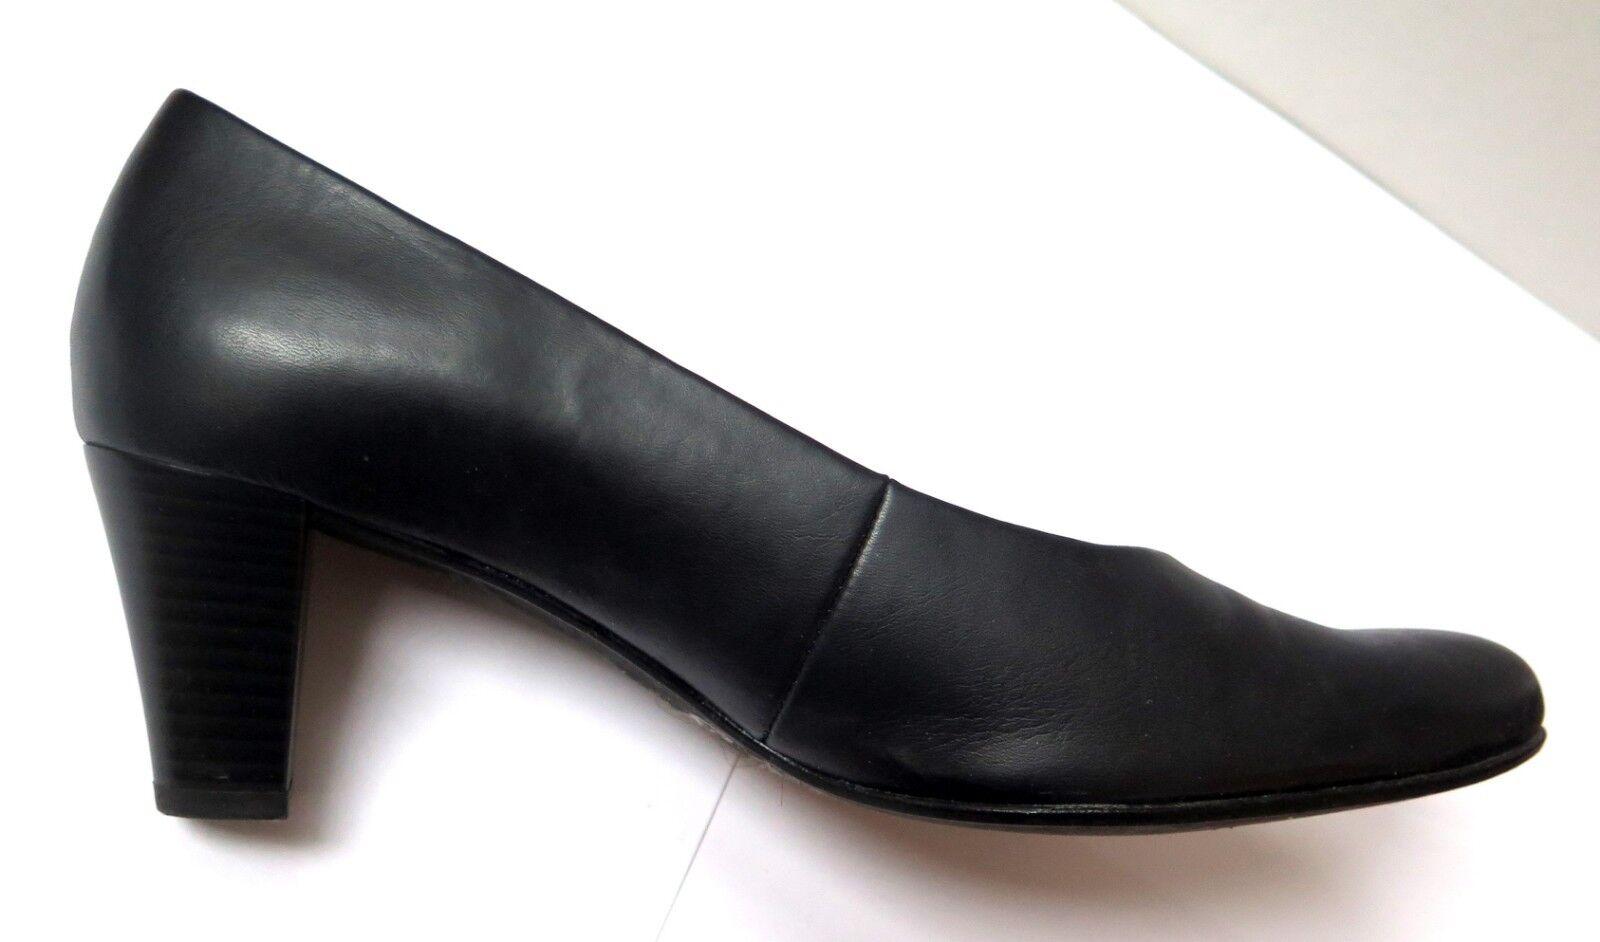 Gabor comfort 46.170 Damen Pumps, schwarz, Größe 41, Weite G, Soft Move